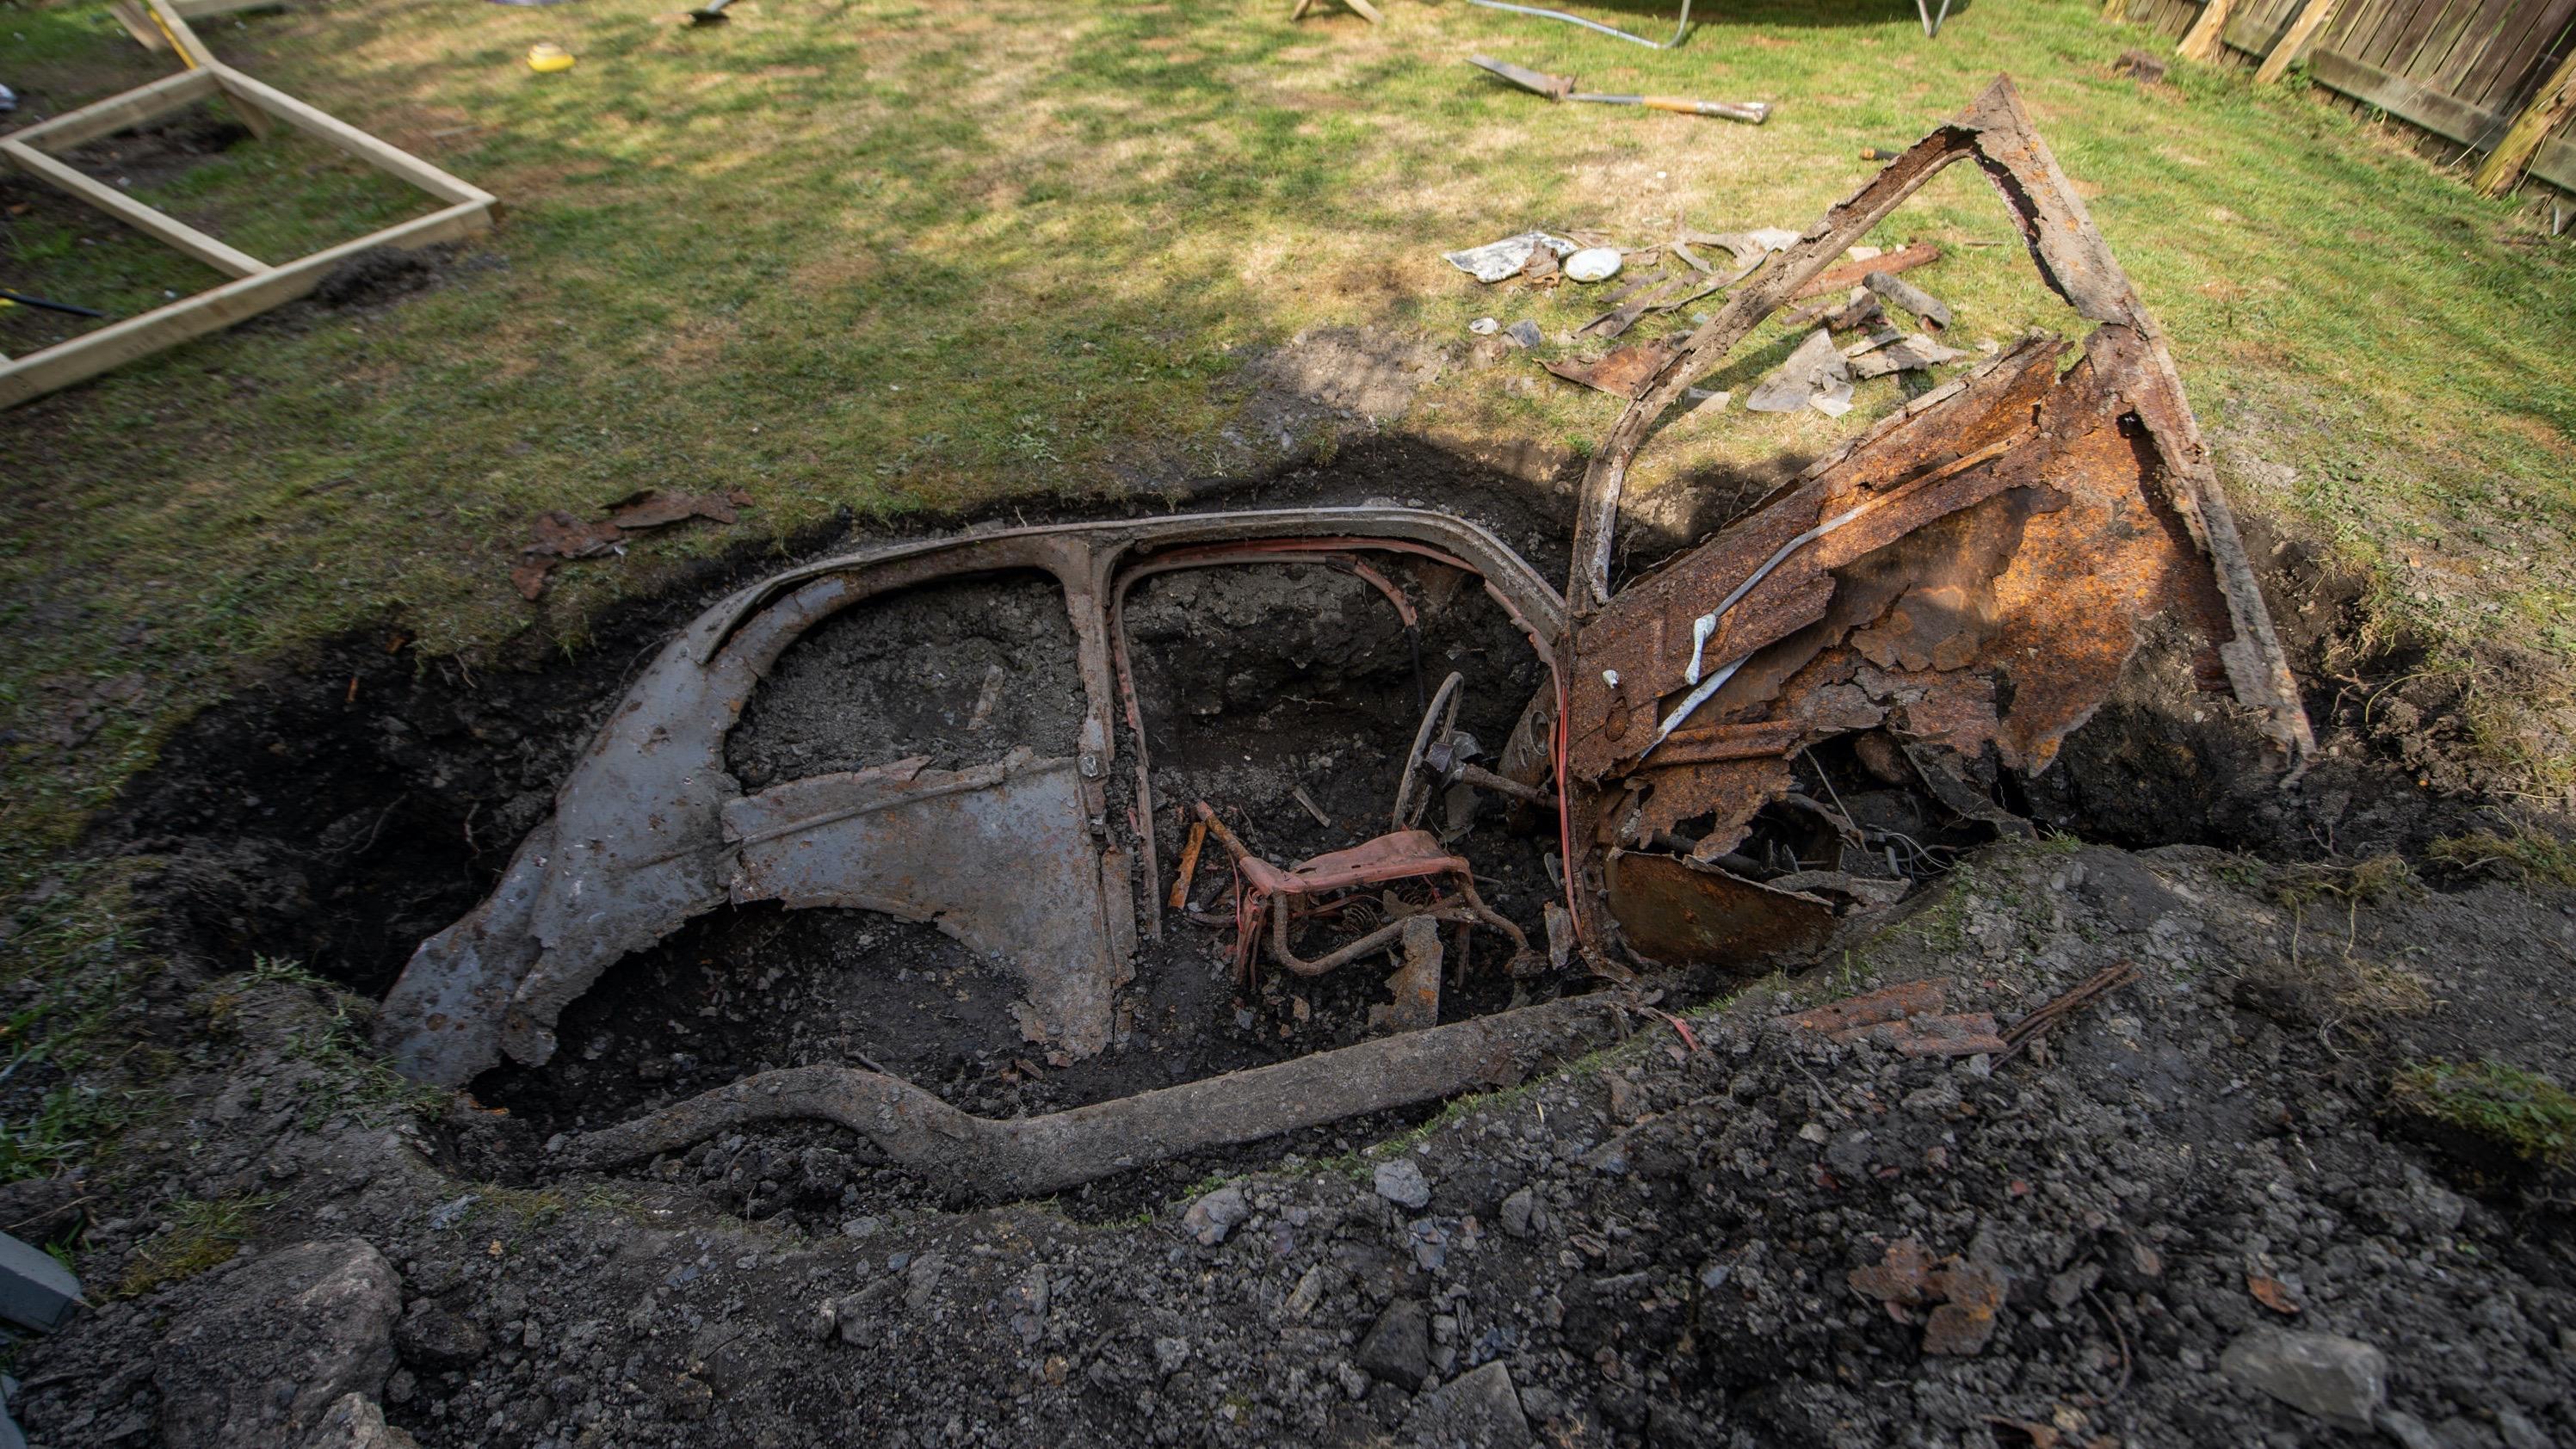 Помните британца, который нашёл закопанный Форд у себя в саду? Тайну машины разгадали